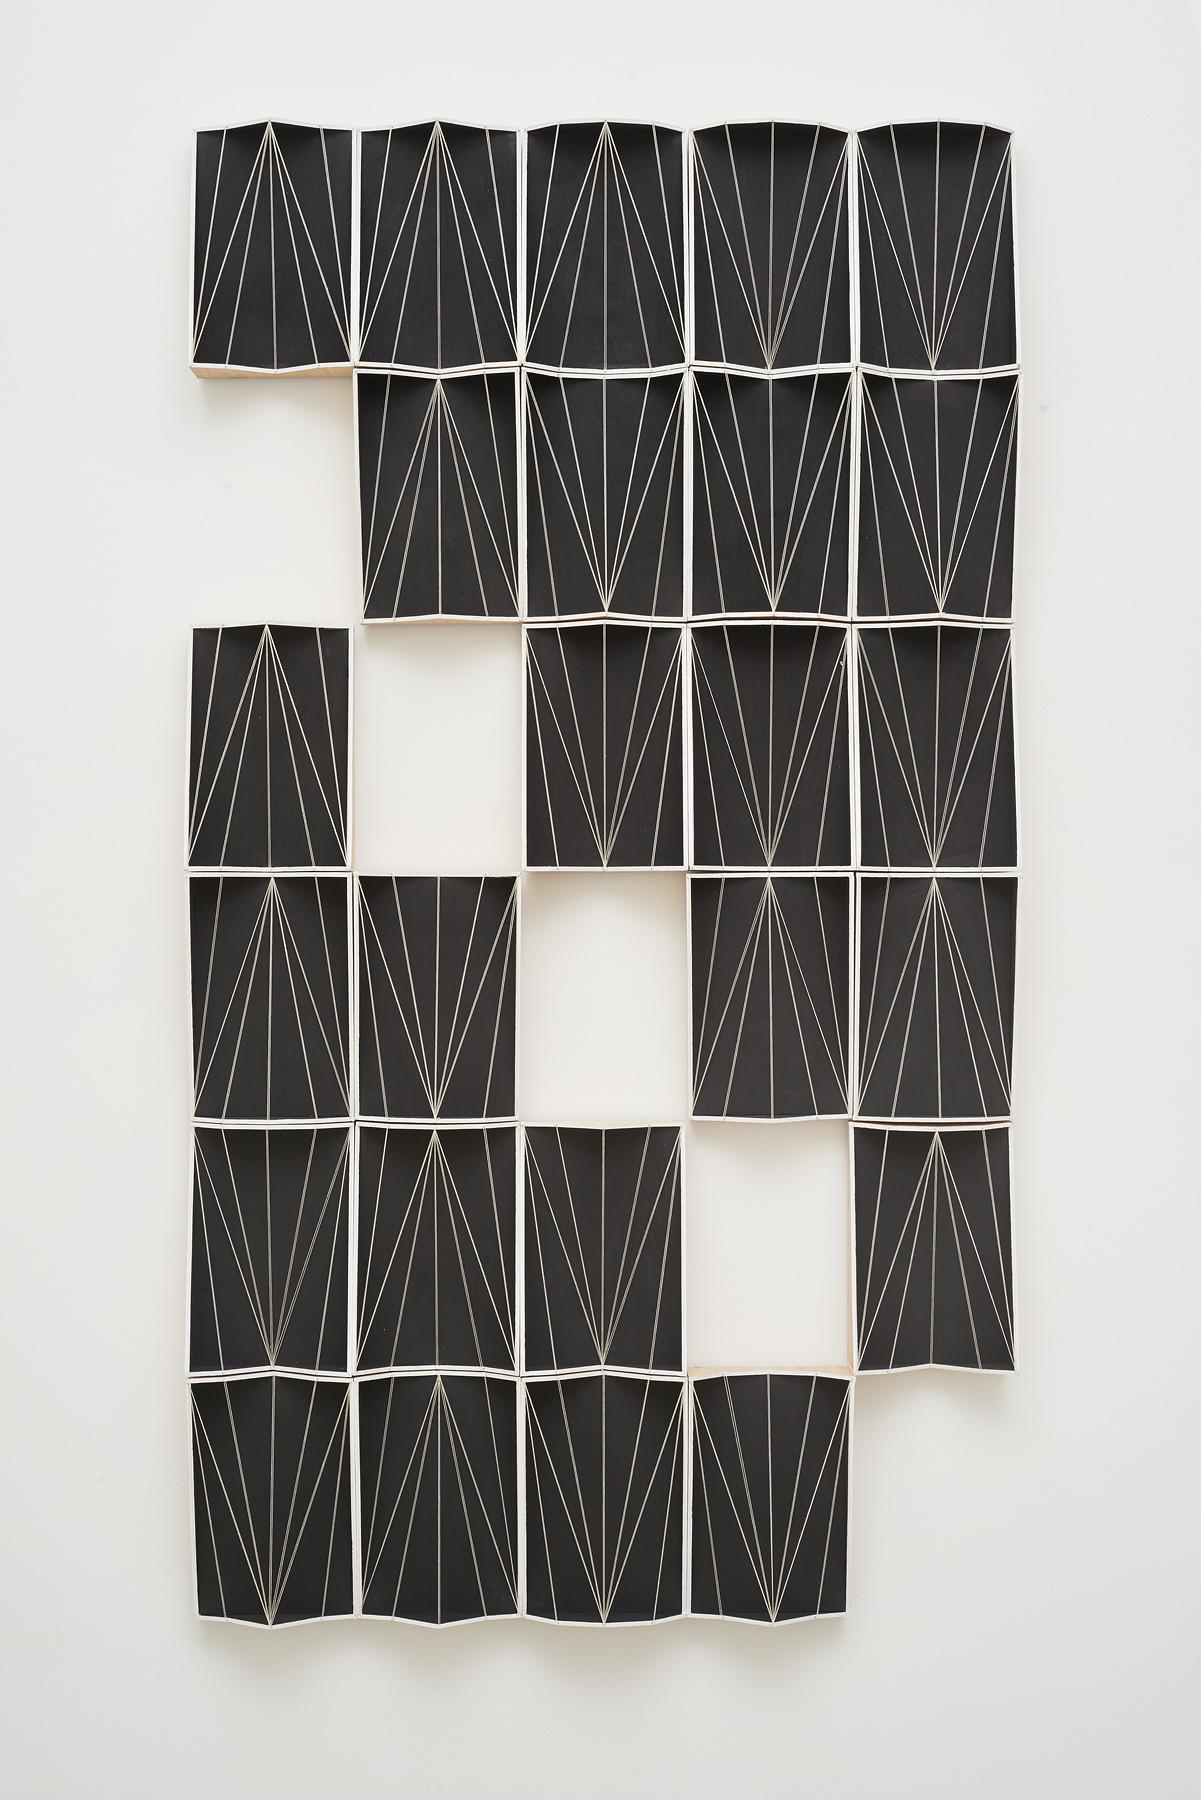 70.Hoeber_Going Nowhere Vector Model, Bas Relief Tile